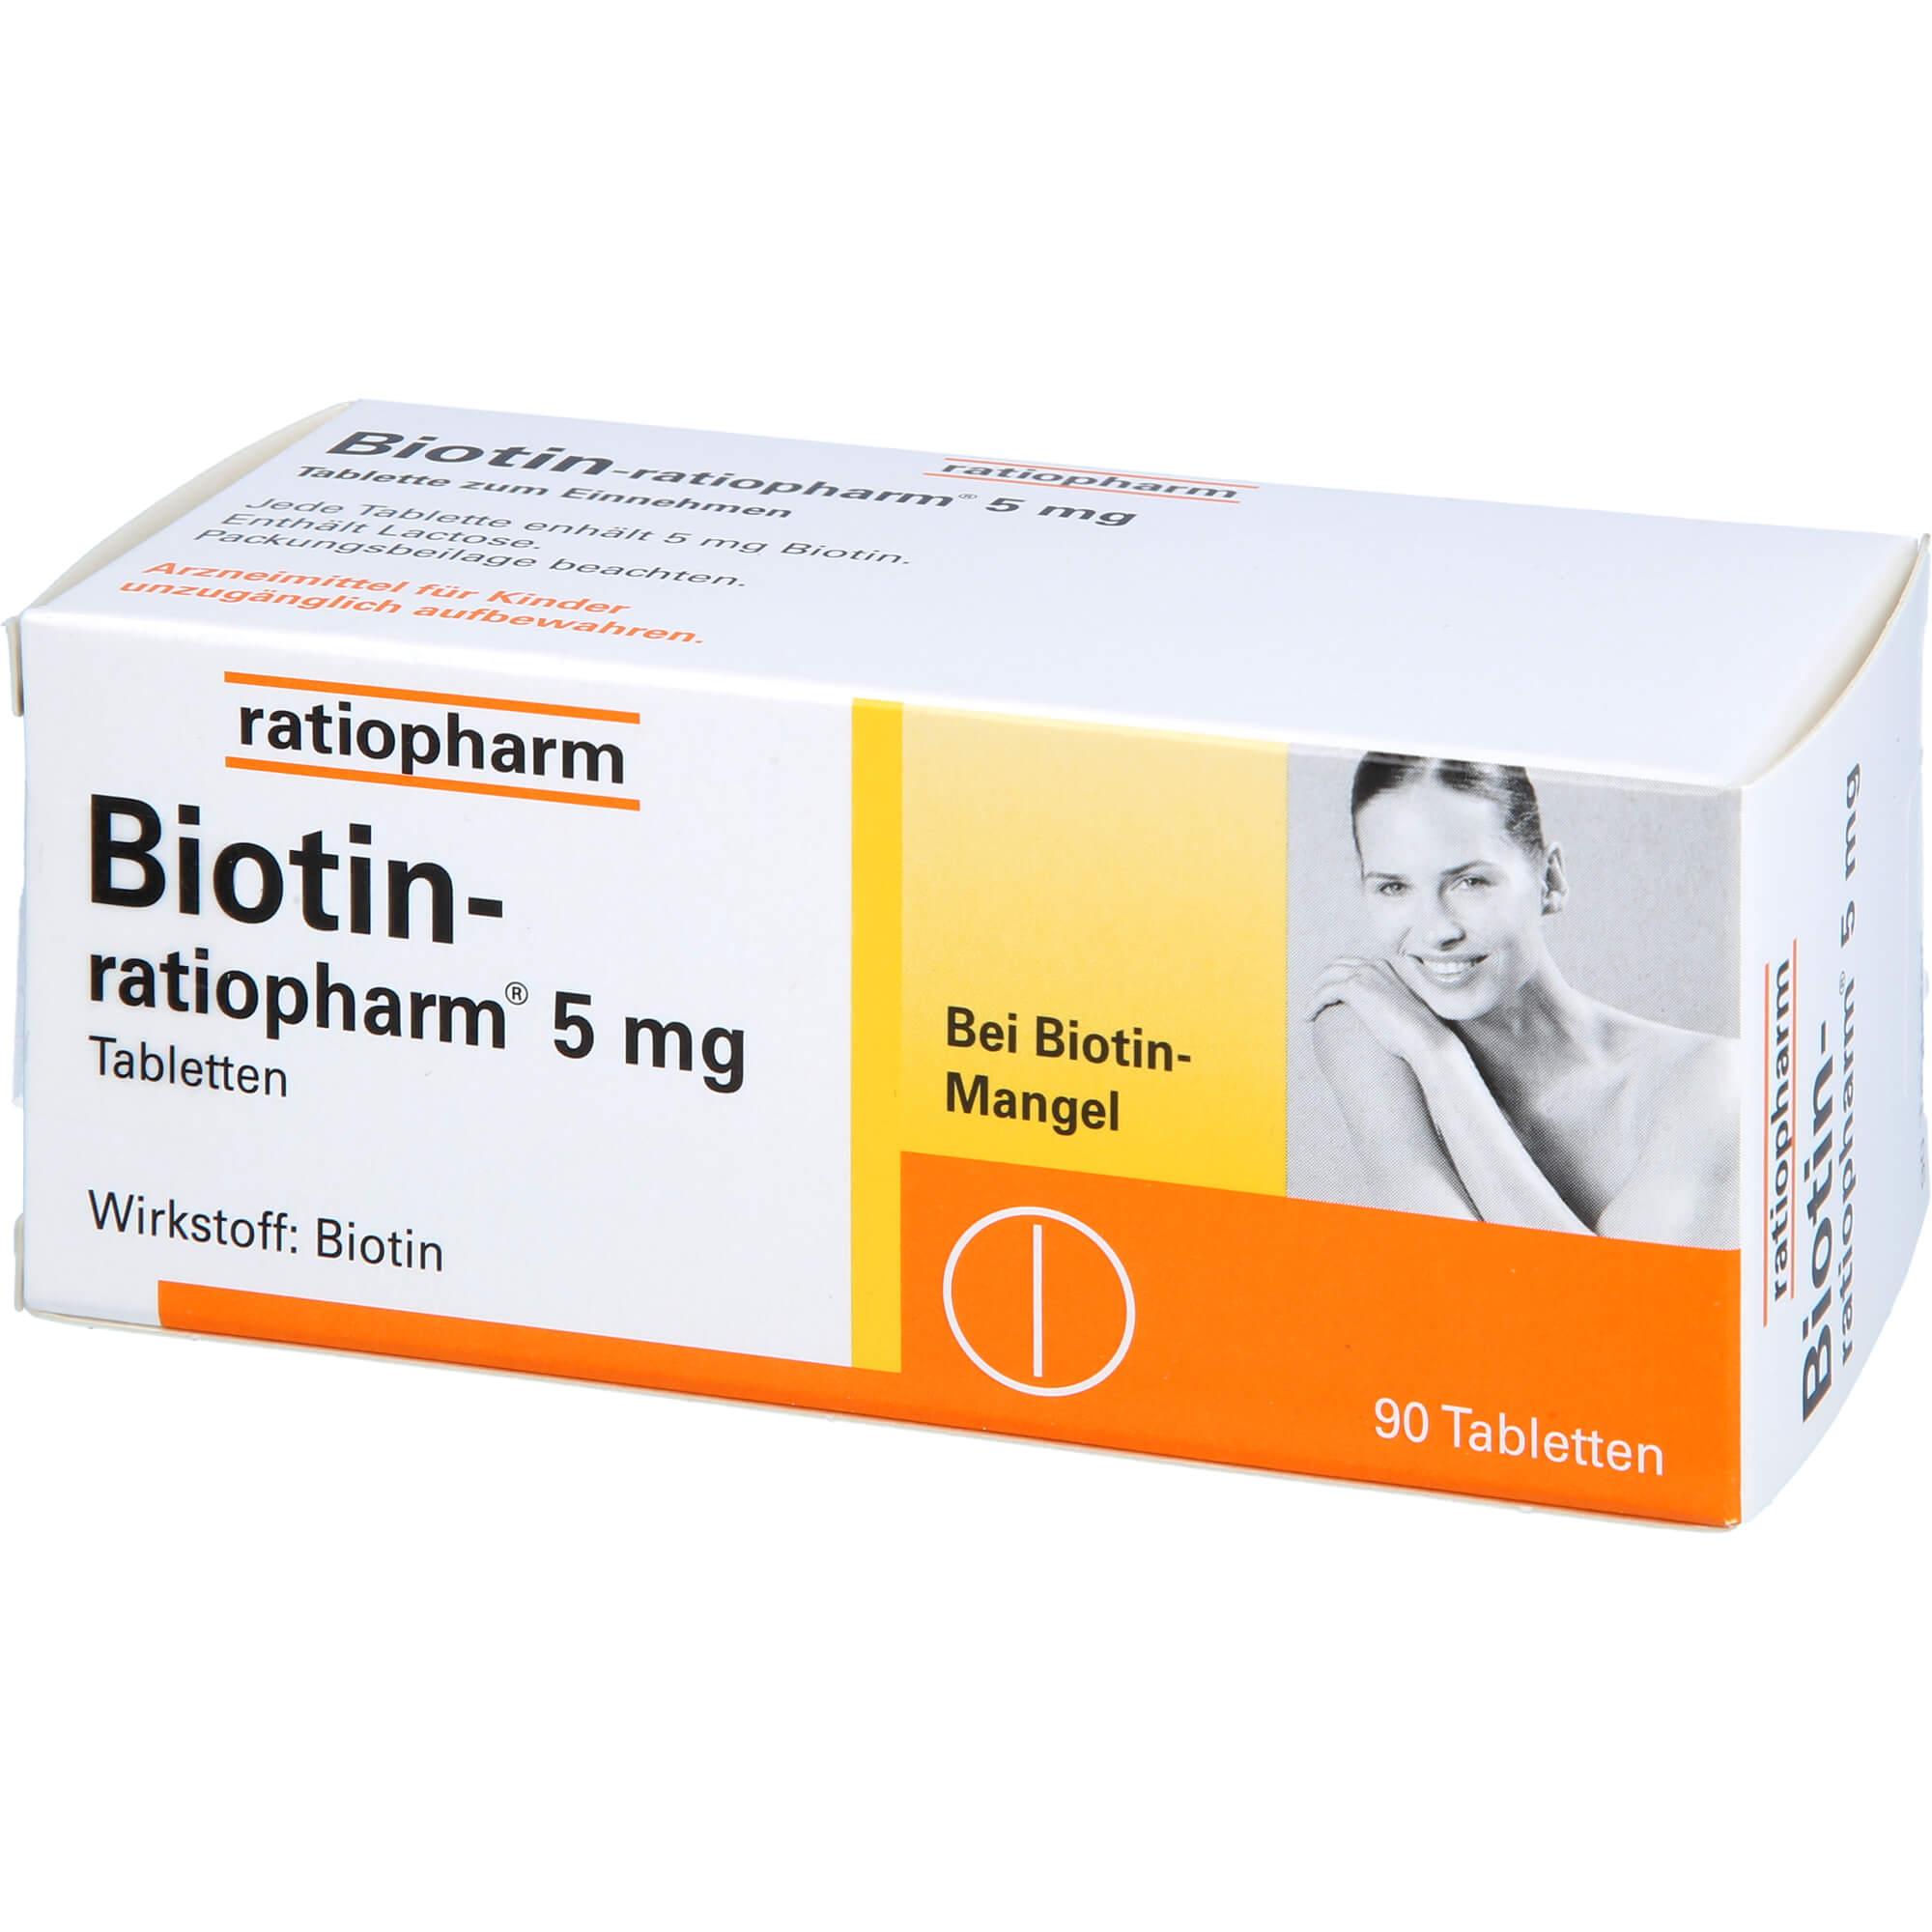 BIOTIN-RATIOPHARM 5 mg Tabletten